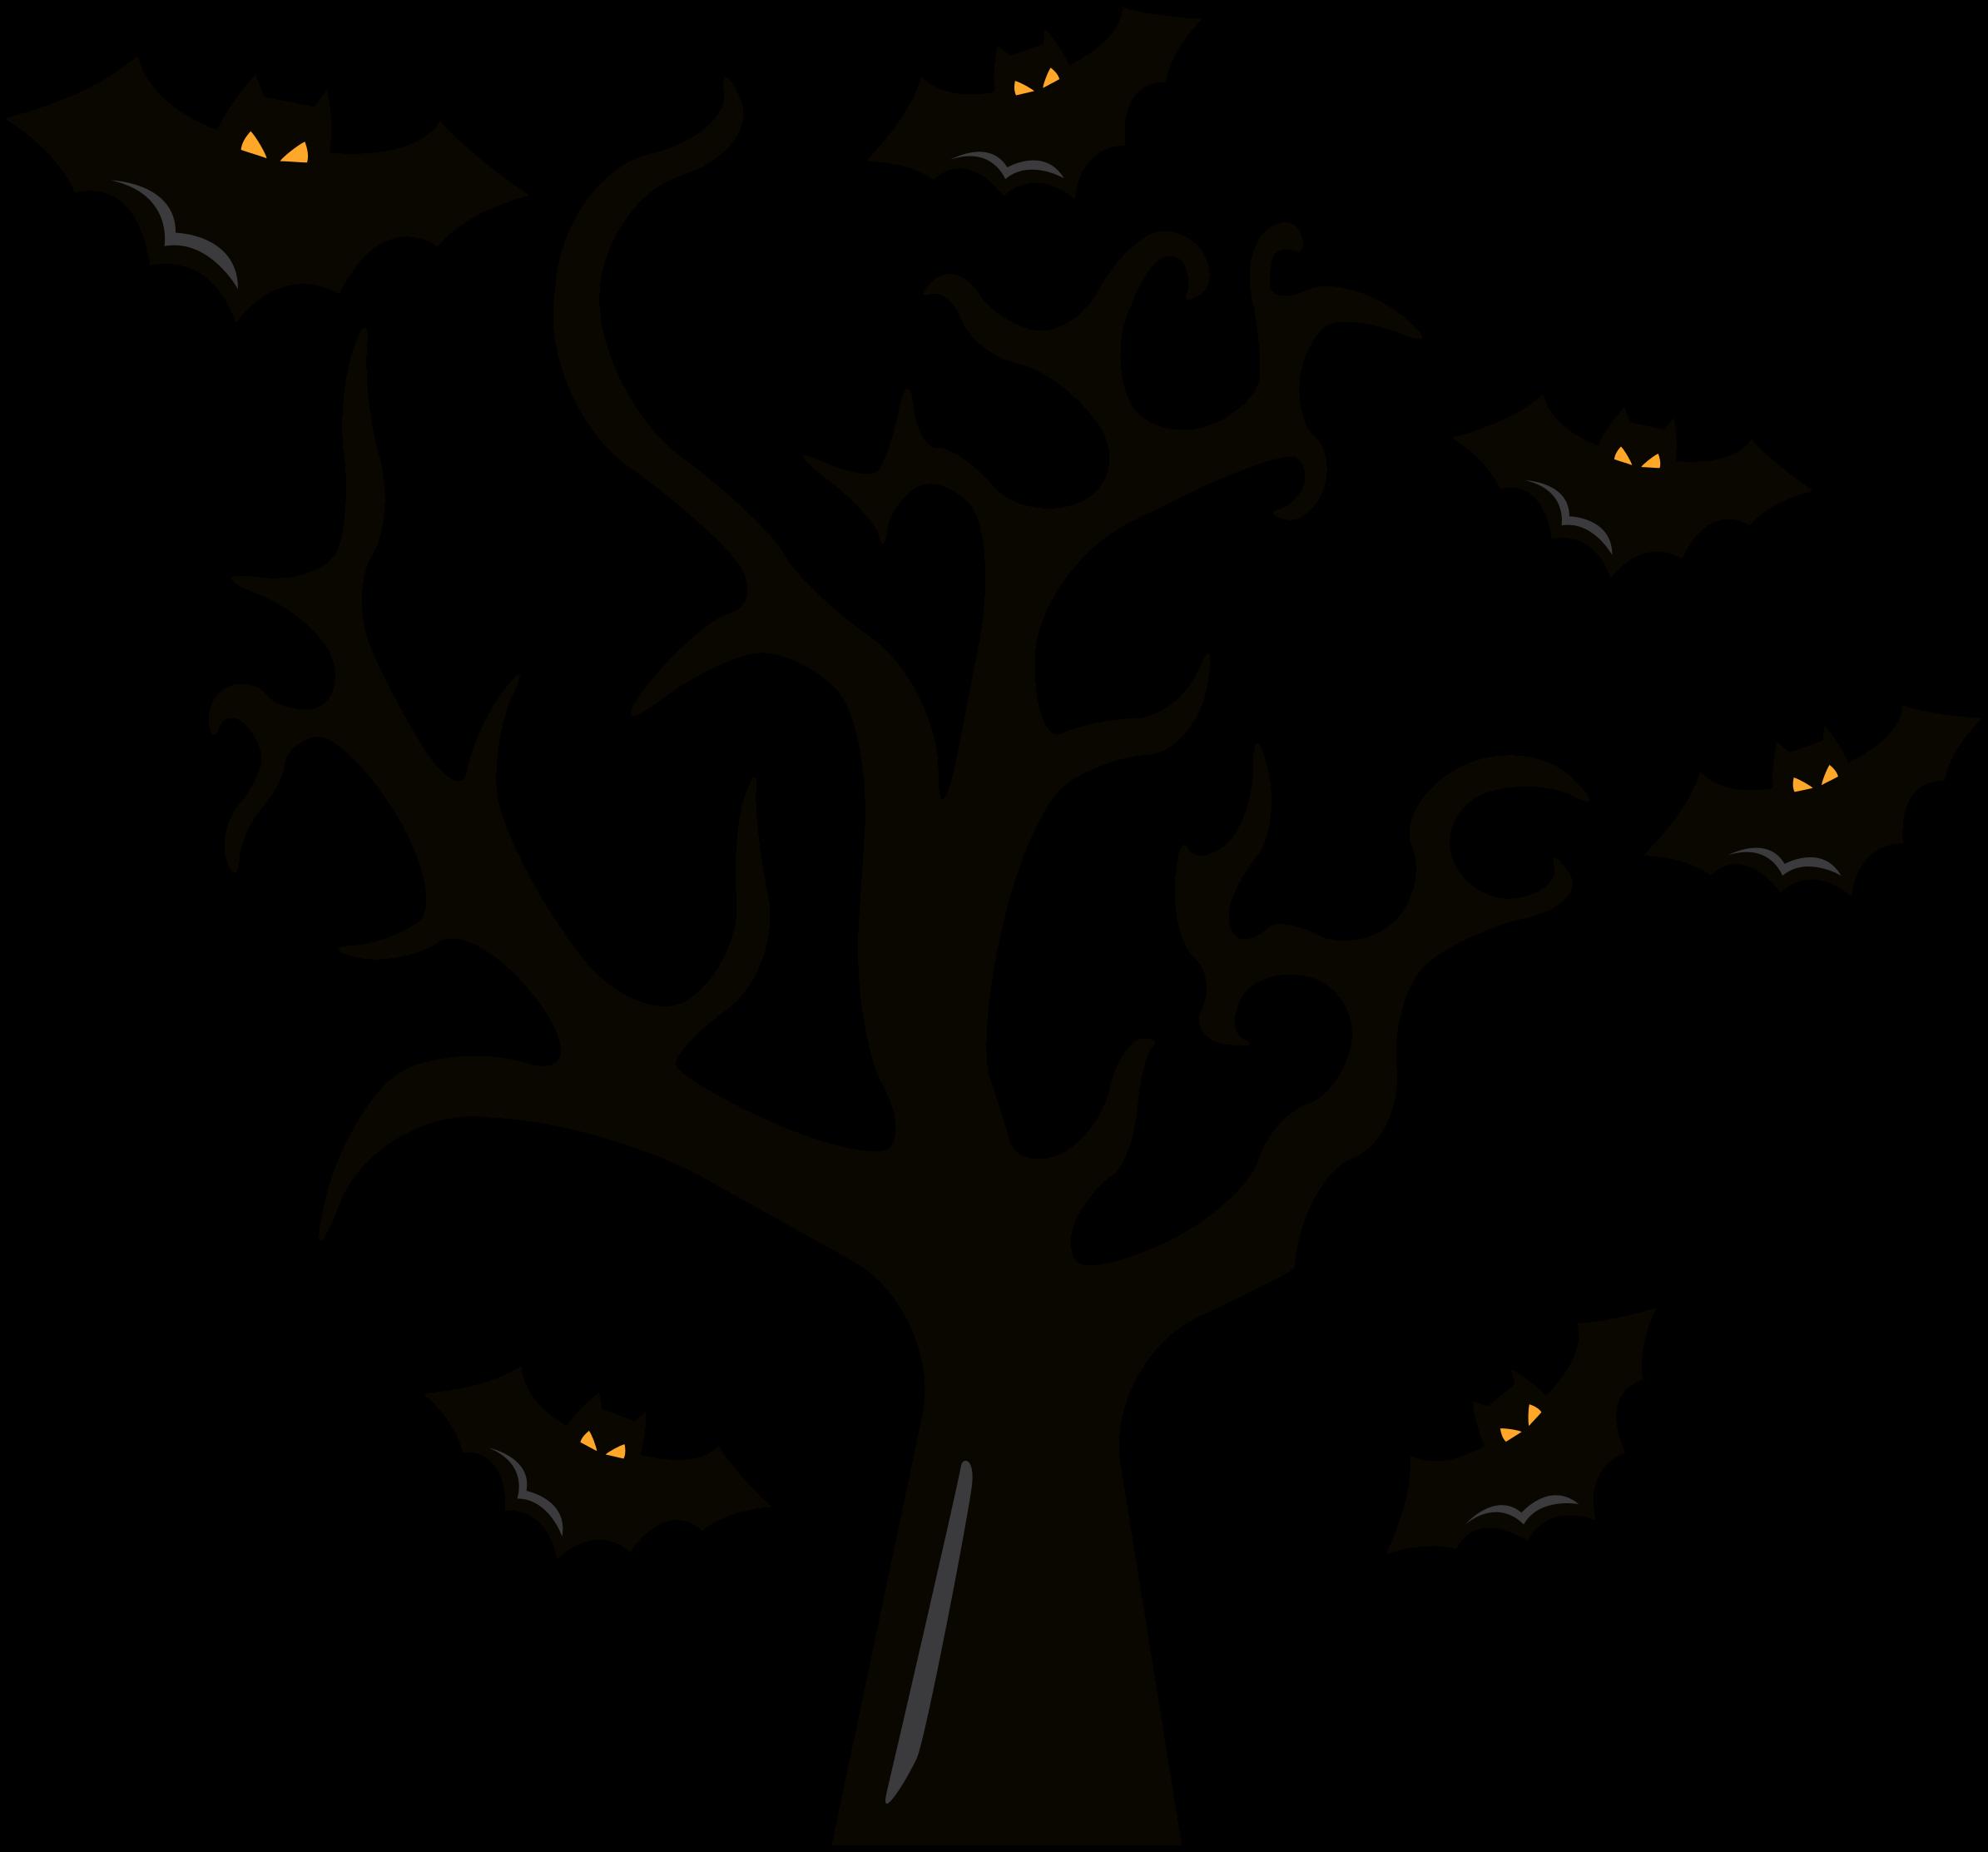 TENSTICKERS. 木とコウモリのハロウィーンのウォールステッカー. 私たちの木とコウモリのハロウィーンのウォールステッカーは、多くのコウモリに囲まれた木を示しています。それは50以上の色で利用可能です。